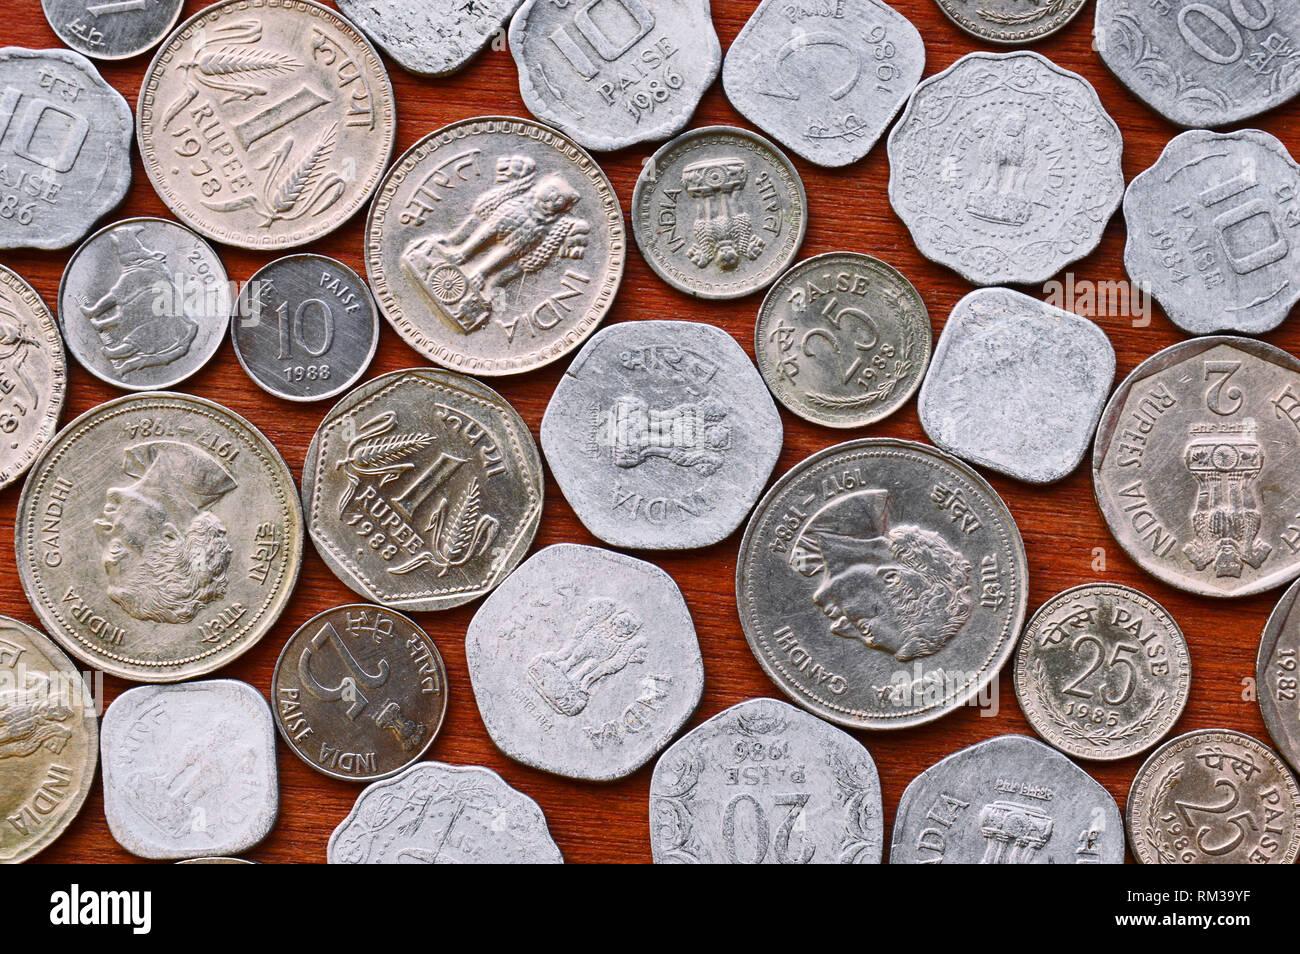 Indian Paisa Stock Photos & Indian Paisa Stock Images - Alamy